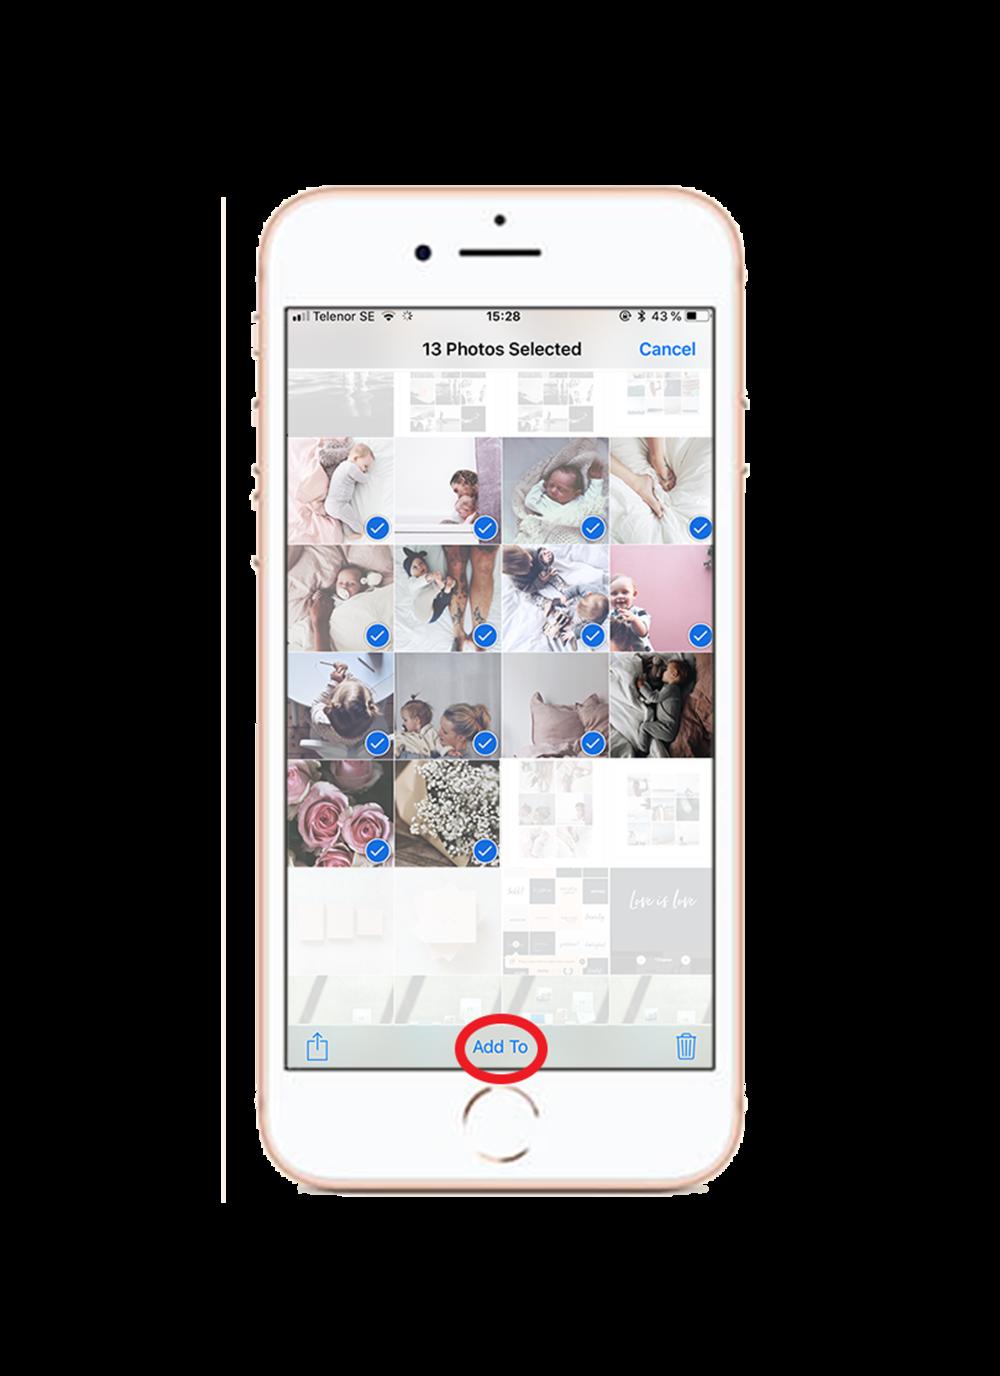 1. Välj dina bilder - Markera de bilder du vill ska vara med i ditt album och tryck på